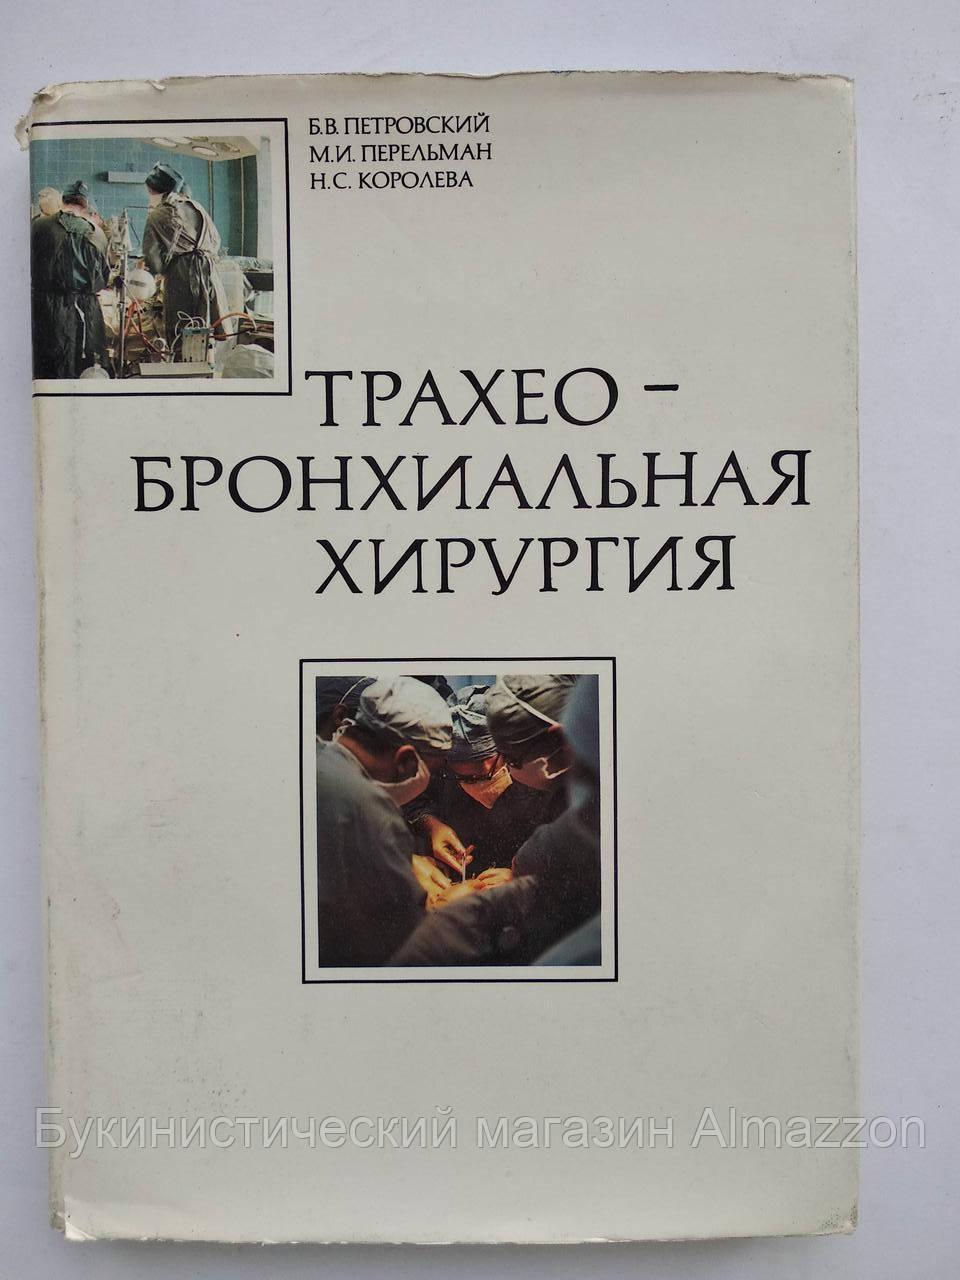 Трахео-бронхиальная хирургия Б.Петровский